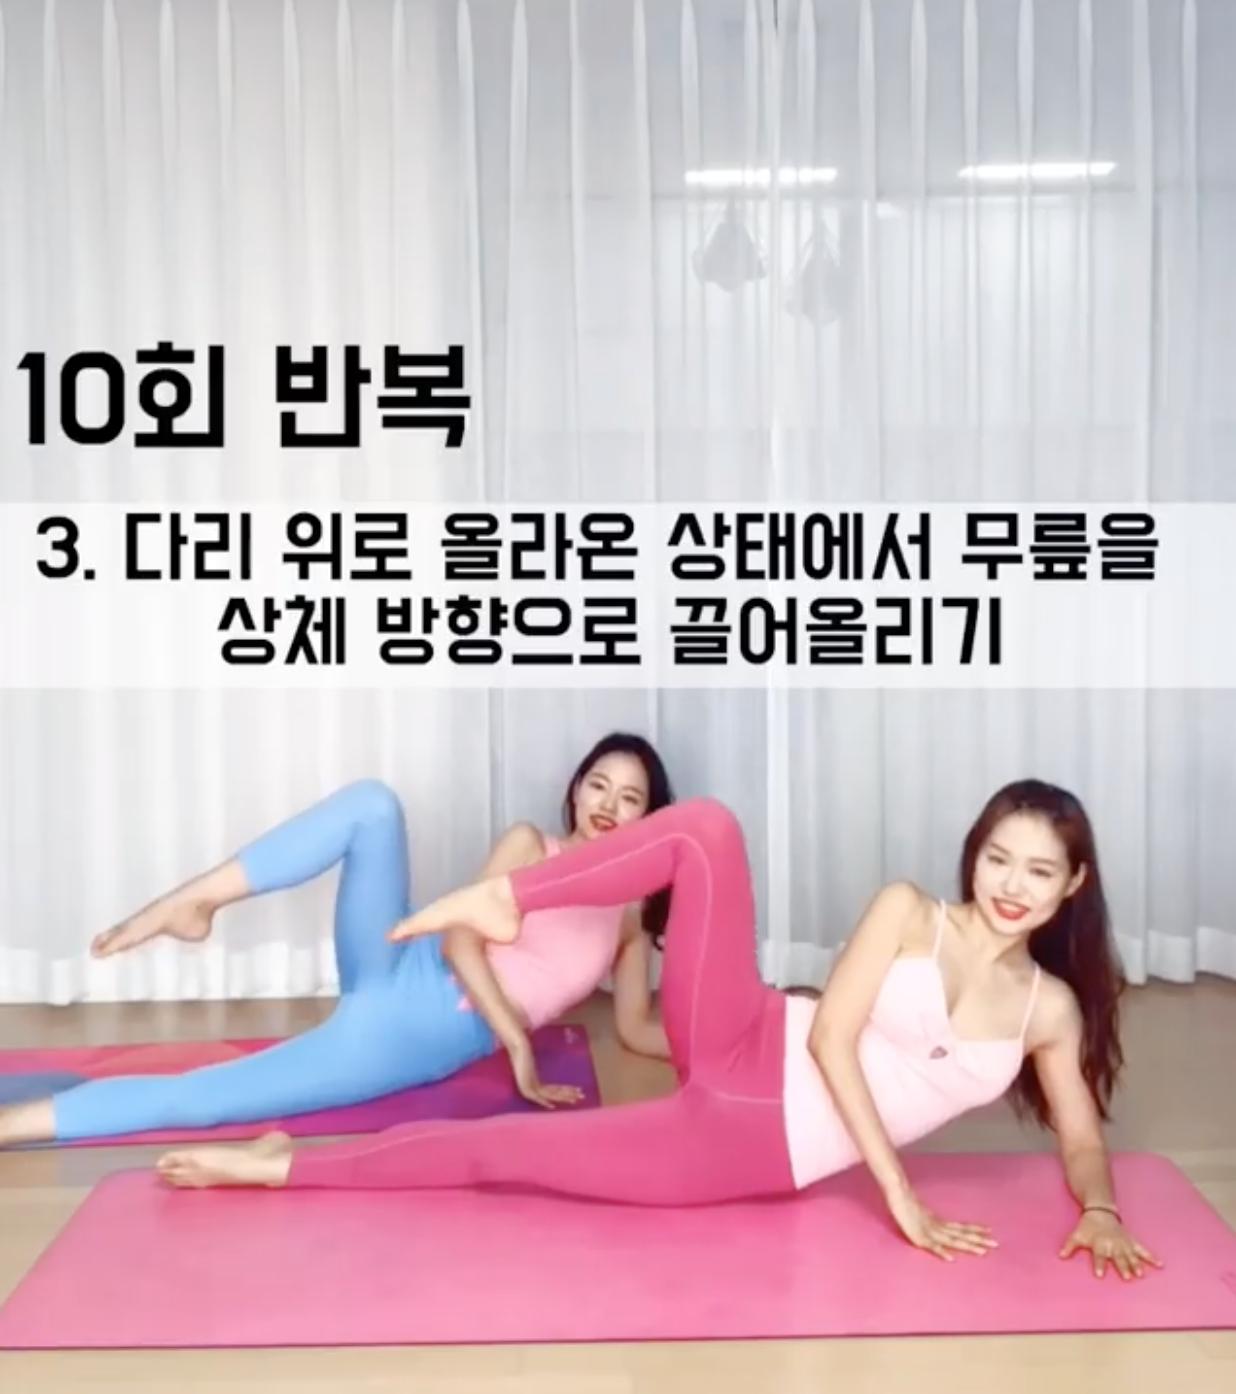 瘦下盤居家運動,屁股,大腿,盆骨,假跨寬,肌肉,腹肌,韓國